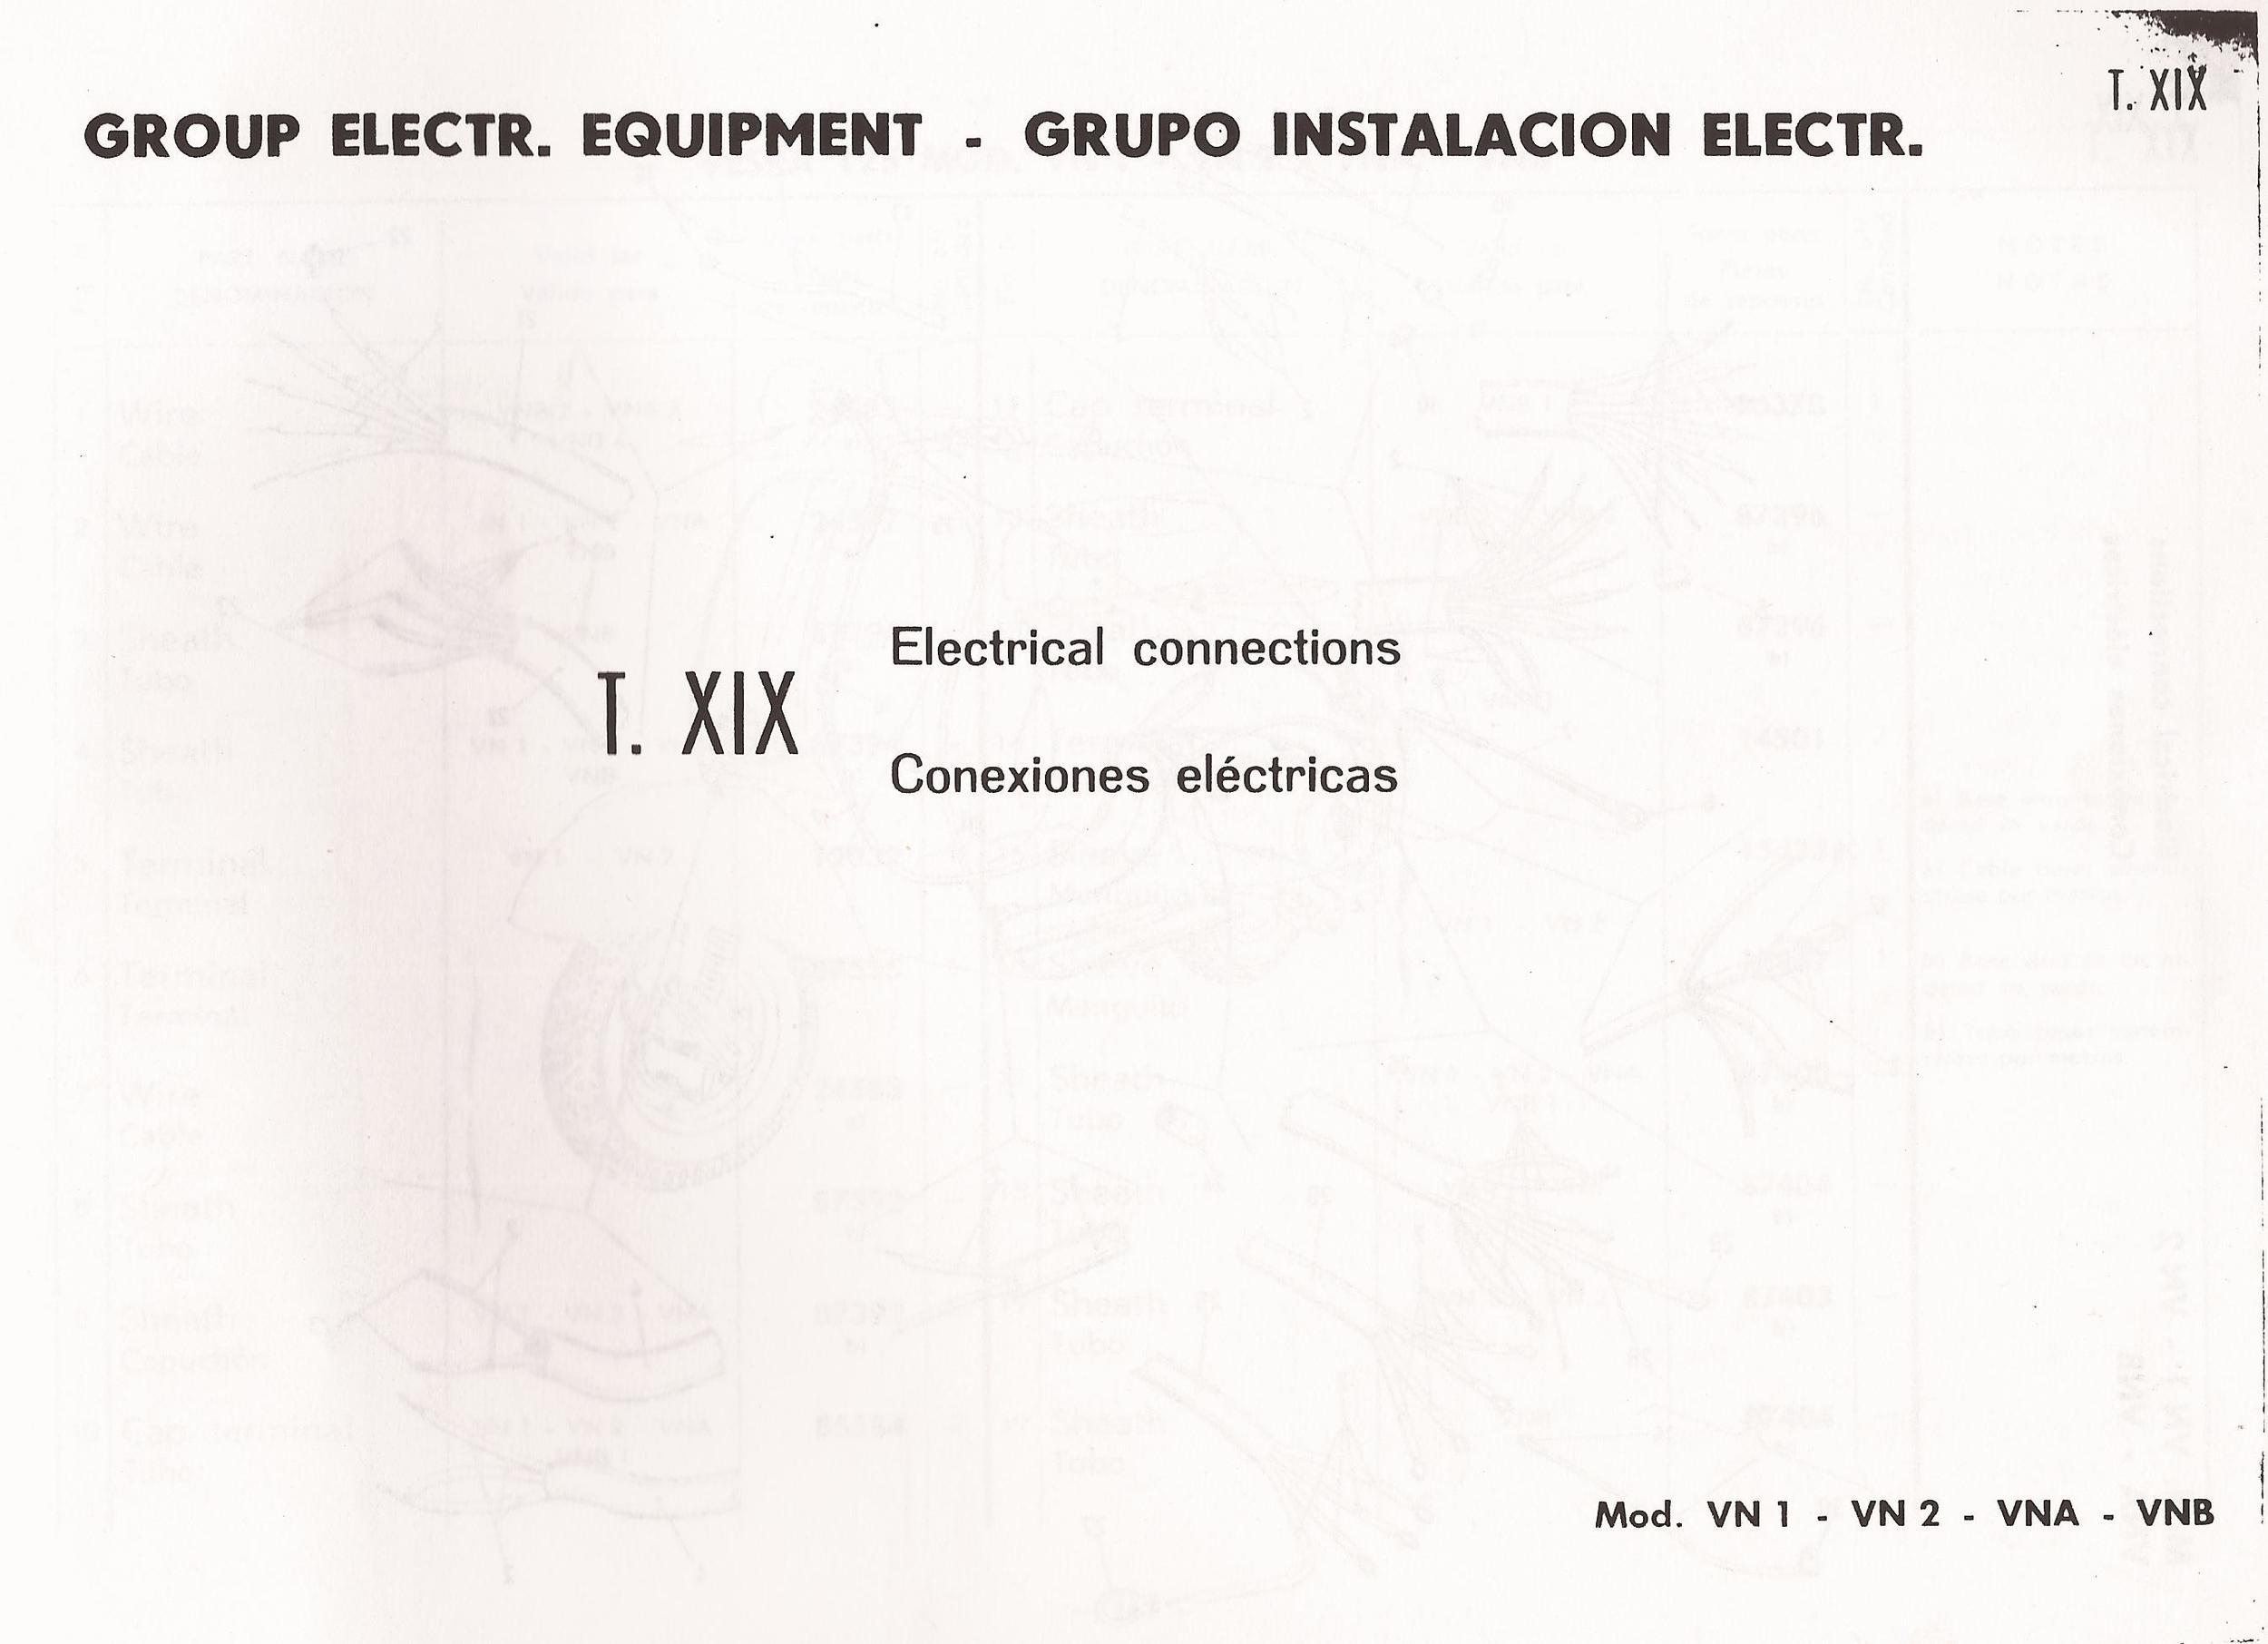 07-16-2013 vespa 125 catalog manuel 169.jpg